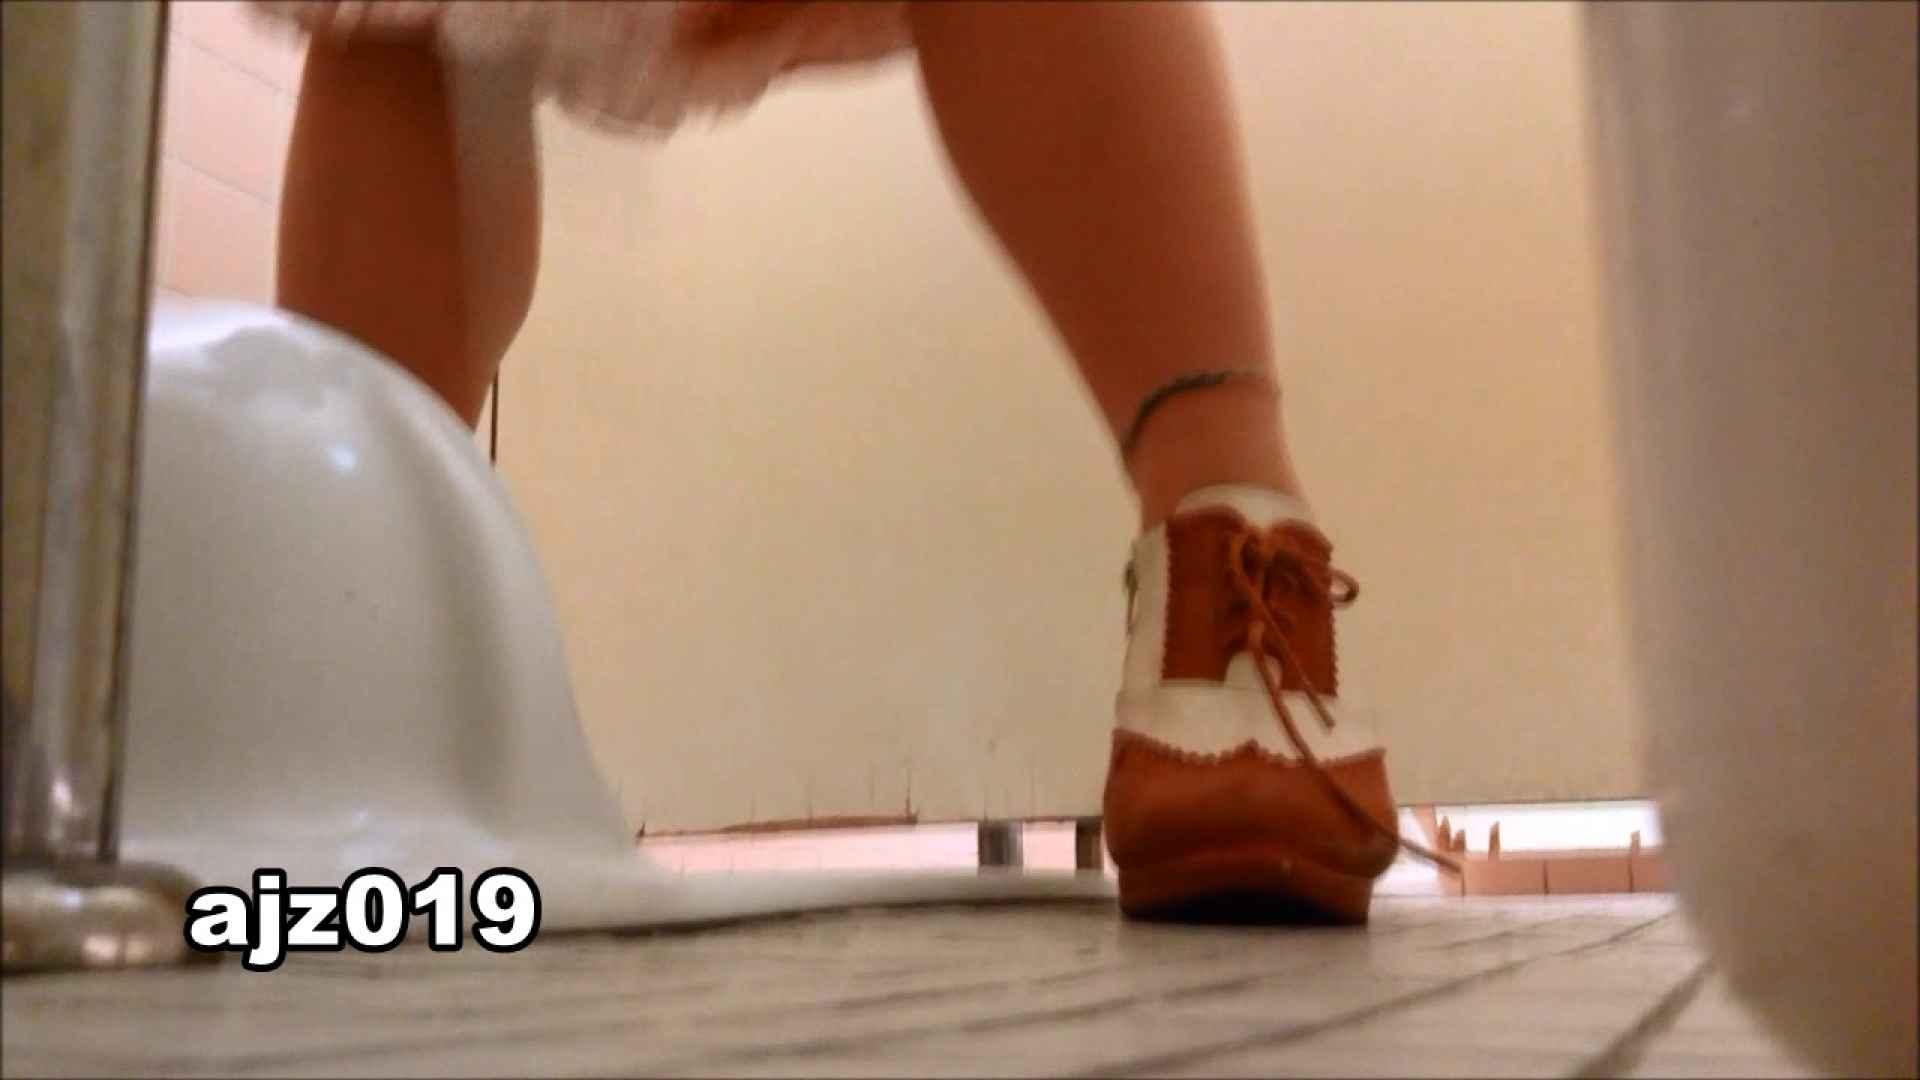 某有名大学女性洗面所 vol.19 洗面所 アダルト動画キャプチャ 82連発 23